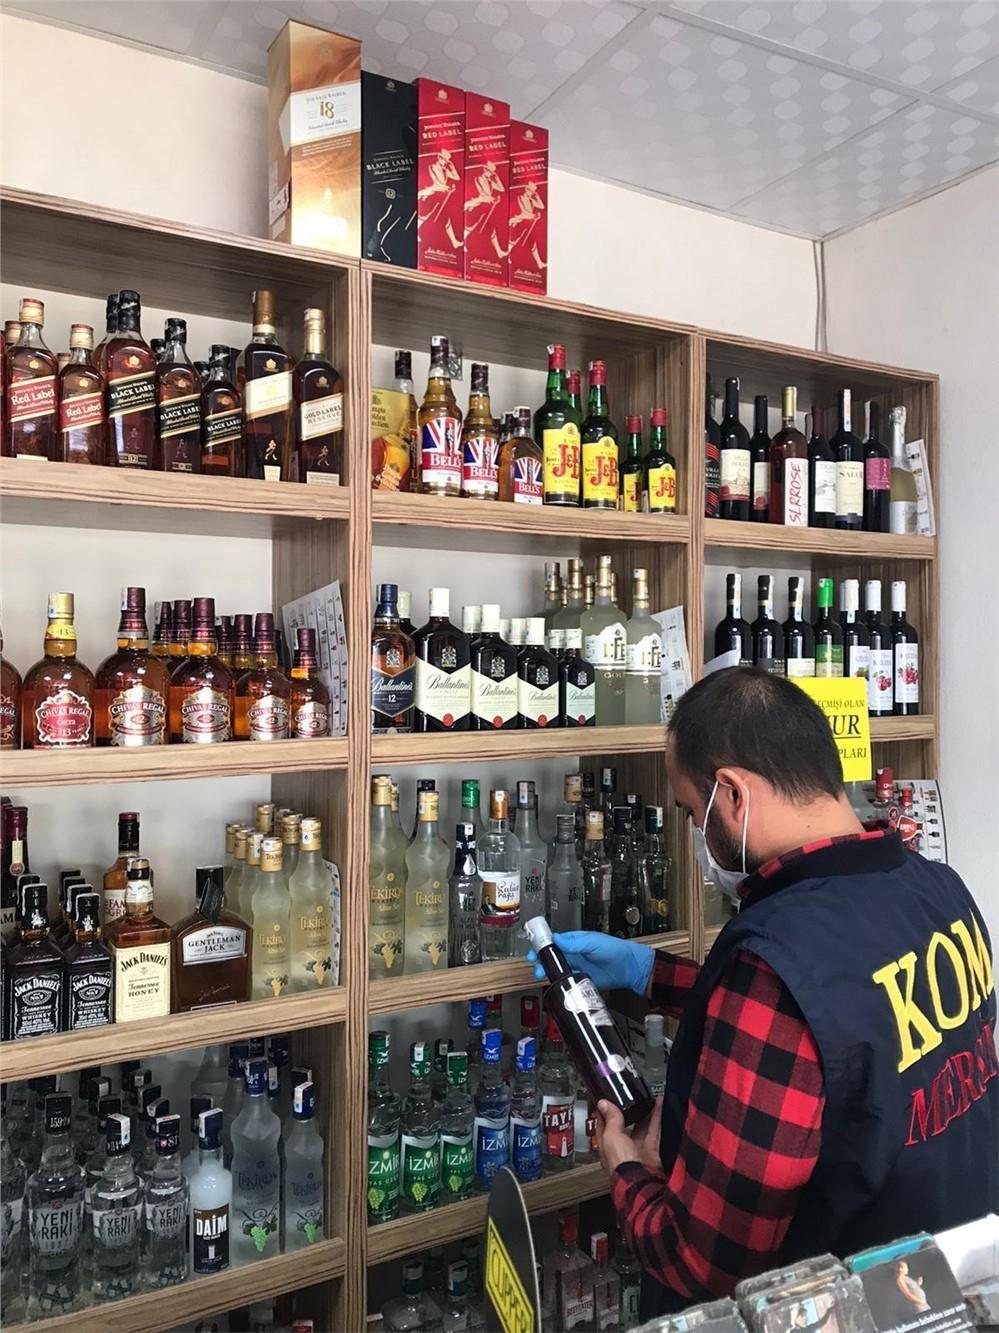 Mersin'de Tekel Bayileri ve Alkollü İçki Satışı Yapan Yerlere Denetimler Sürüyor